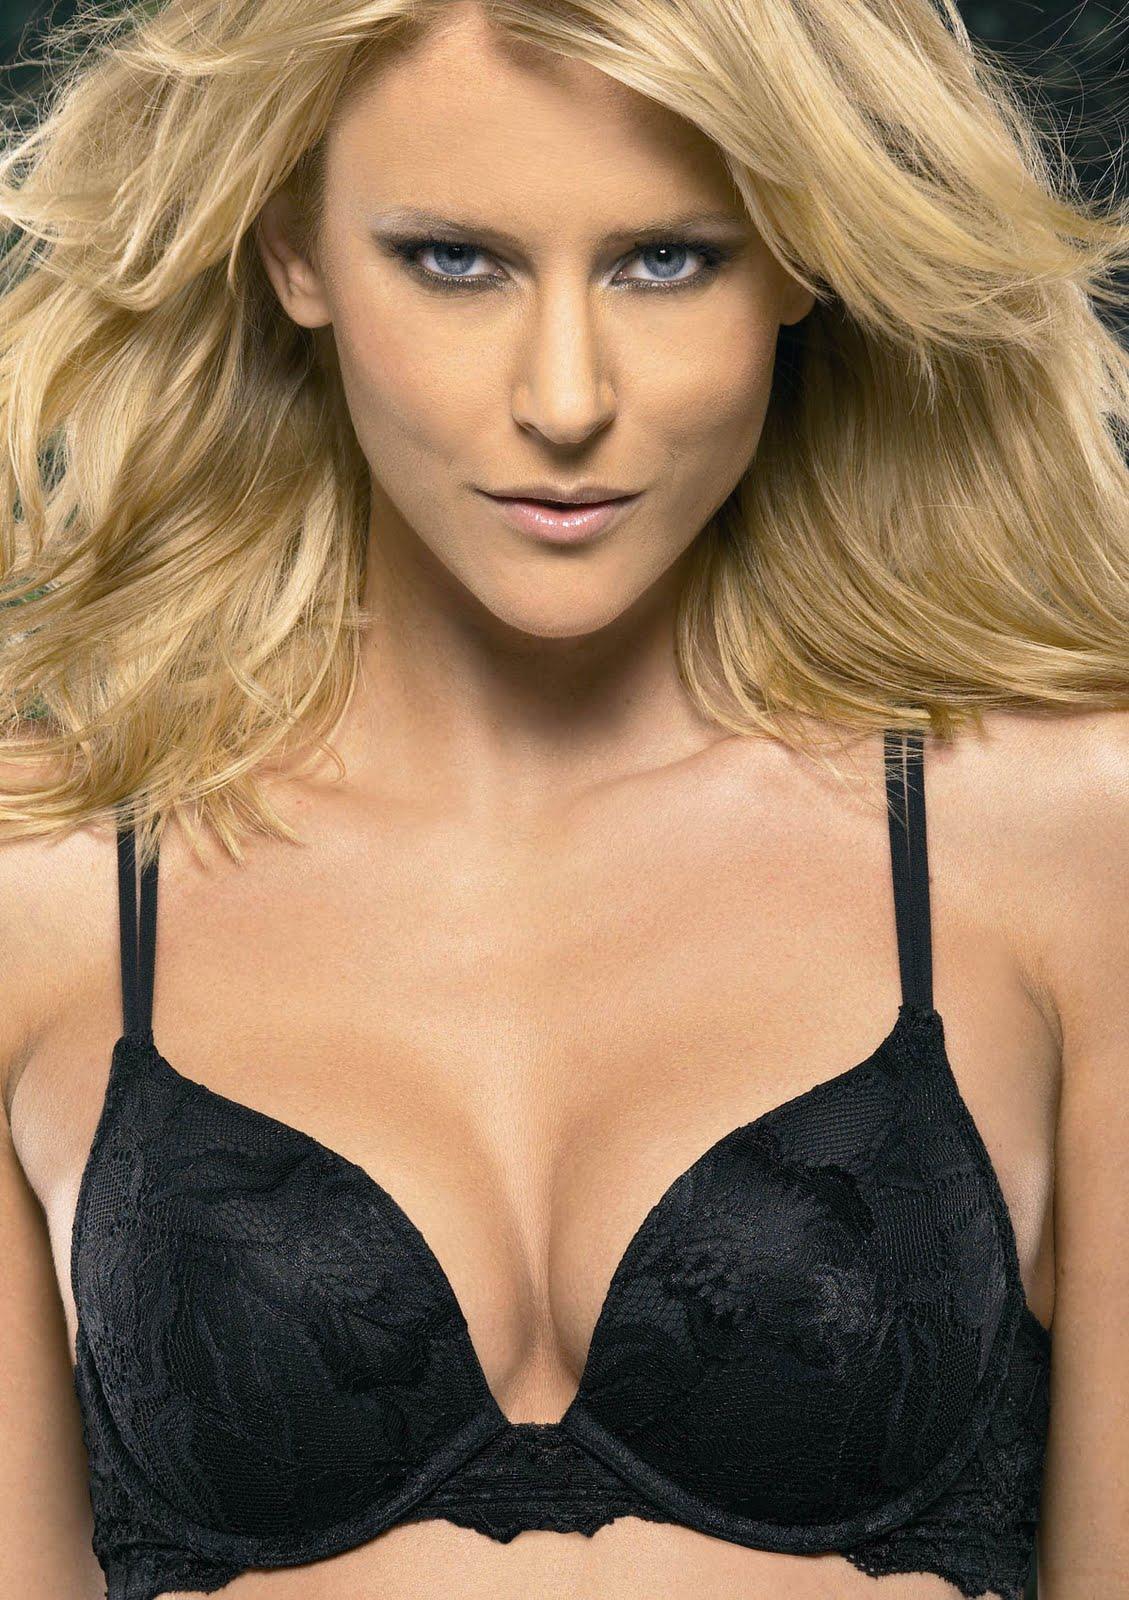 http://3.bp.blogspot.com/-E2DJz4IUeyk/ThCyTf22XHI/AAAAAAAACYs/7-uZcbL_PhI/s1600/tempting-lace-gel-bra.jpg